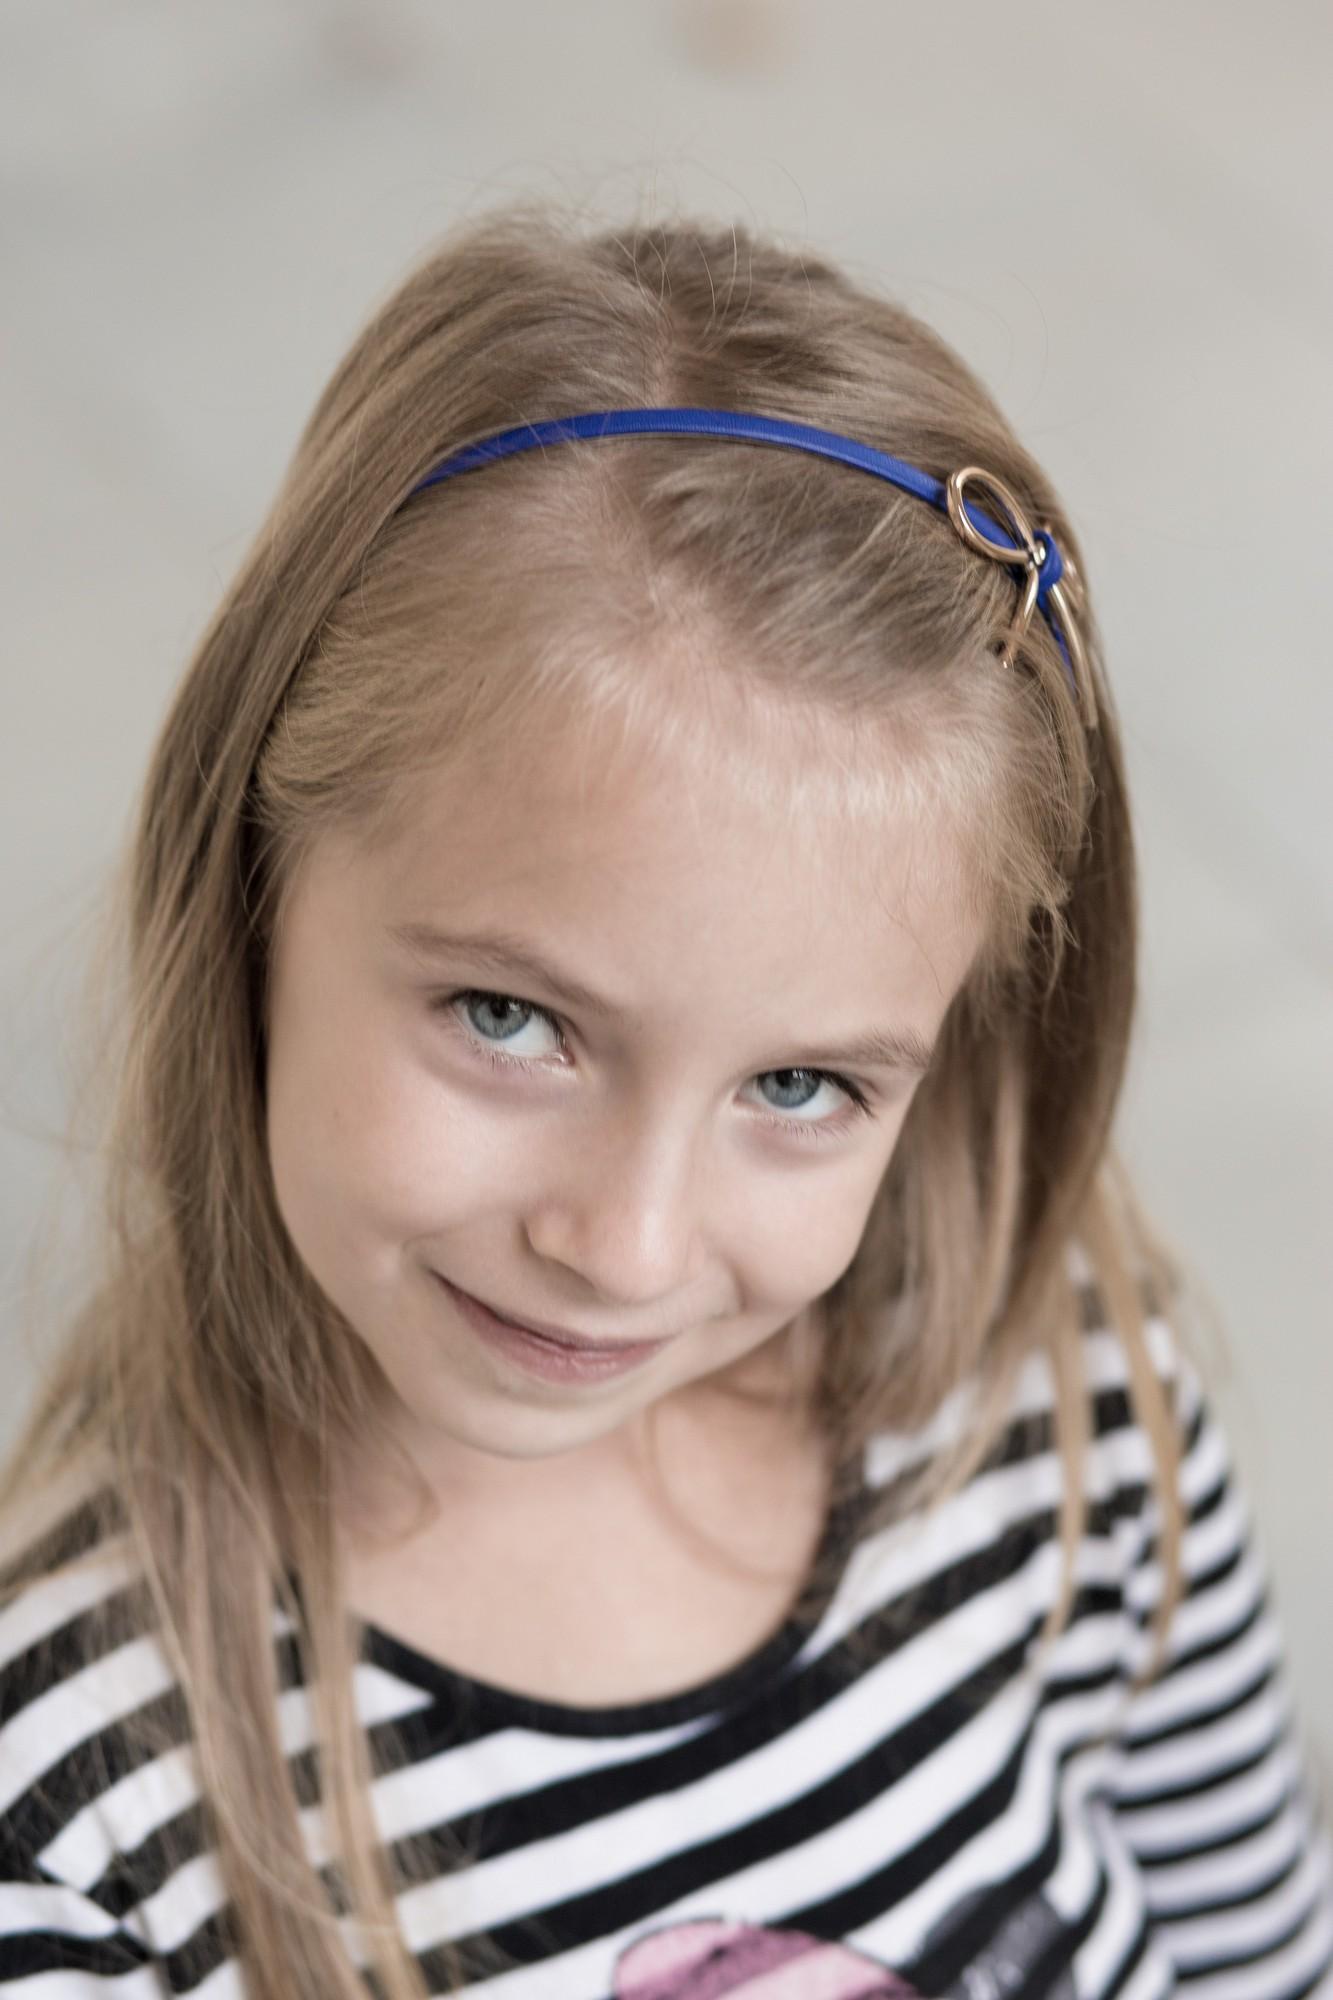 Zdjęcie prześlicznych oczu blondynki